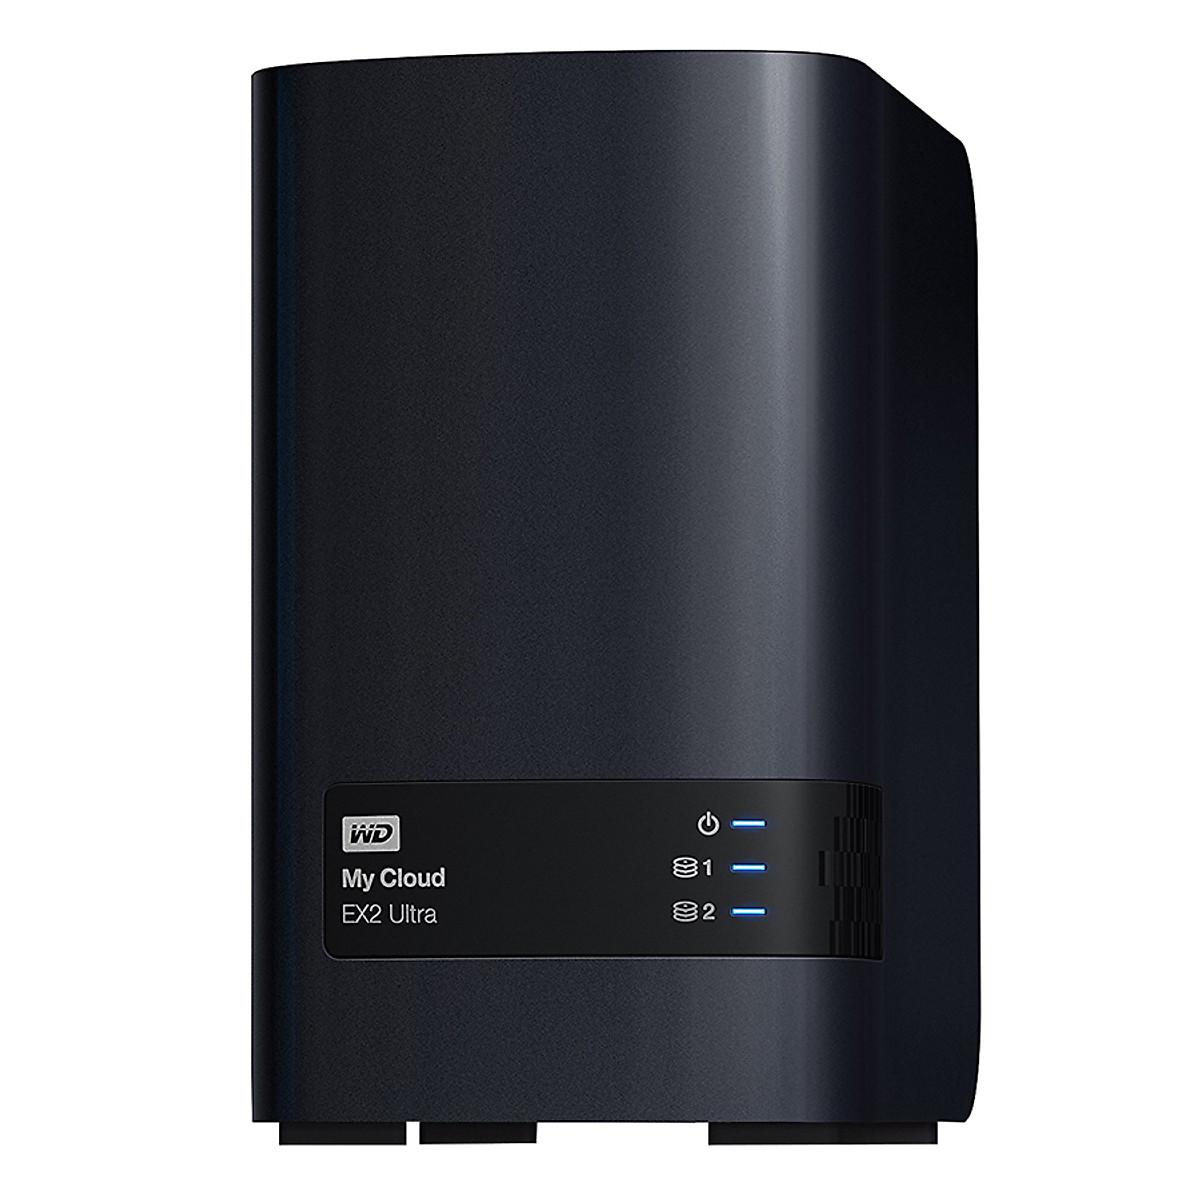 Ổ Cứng WD My Cloud EX2 Ultra  0TB WDBVBZ0000NCH-SESN Gigabit Ethernet – Hàng Chính Hãng